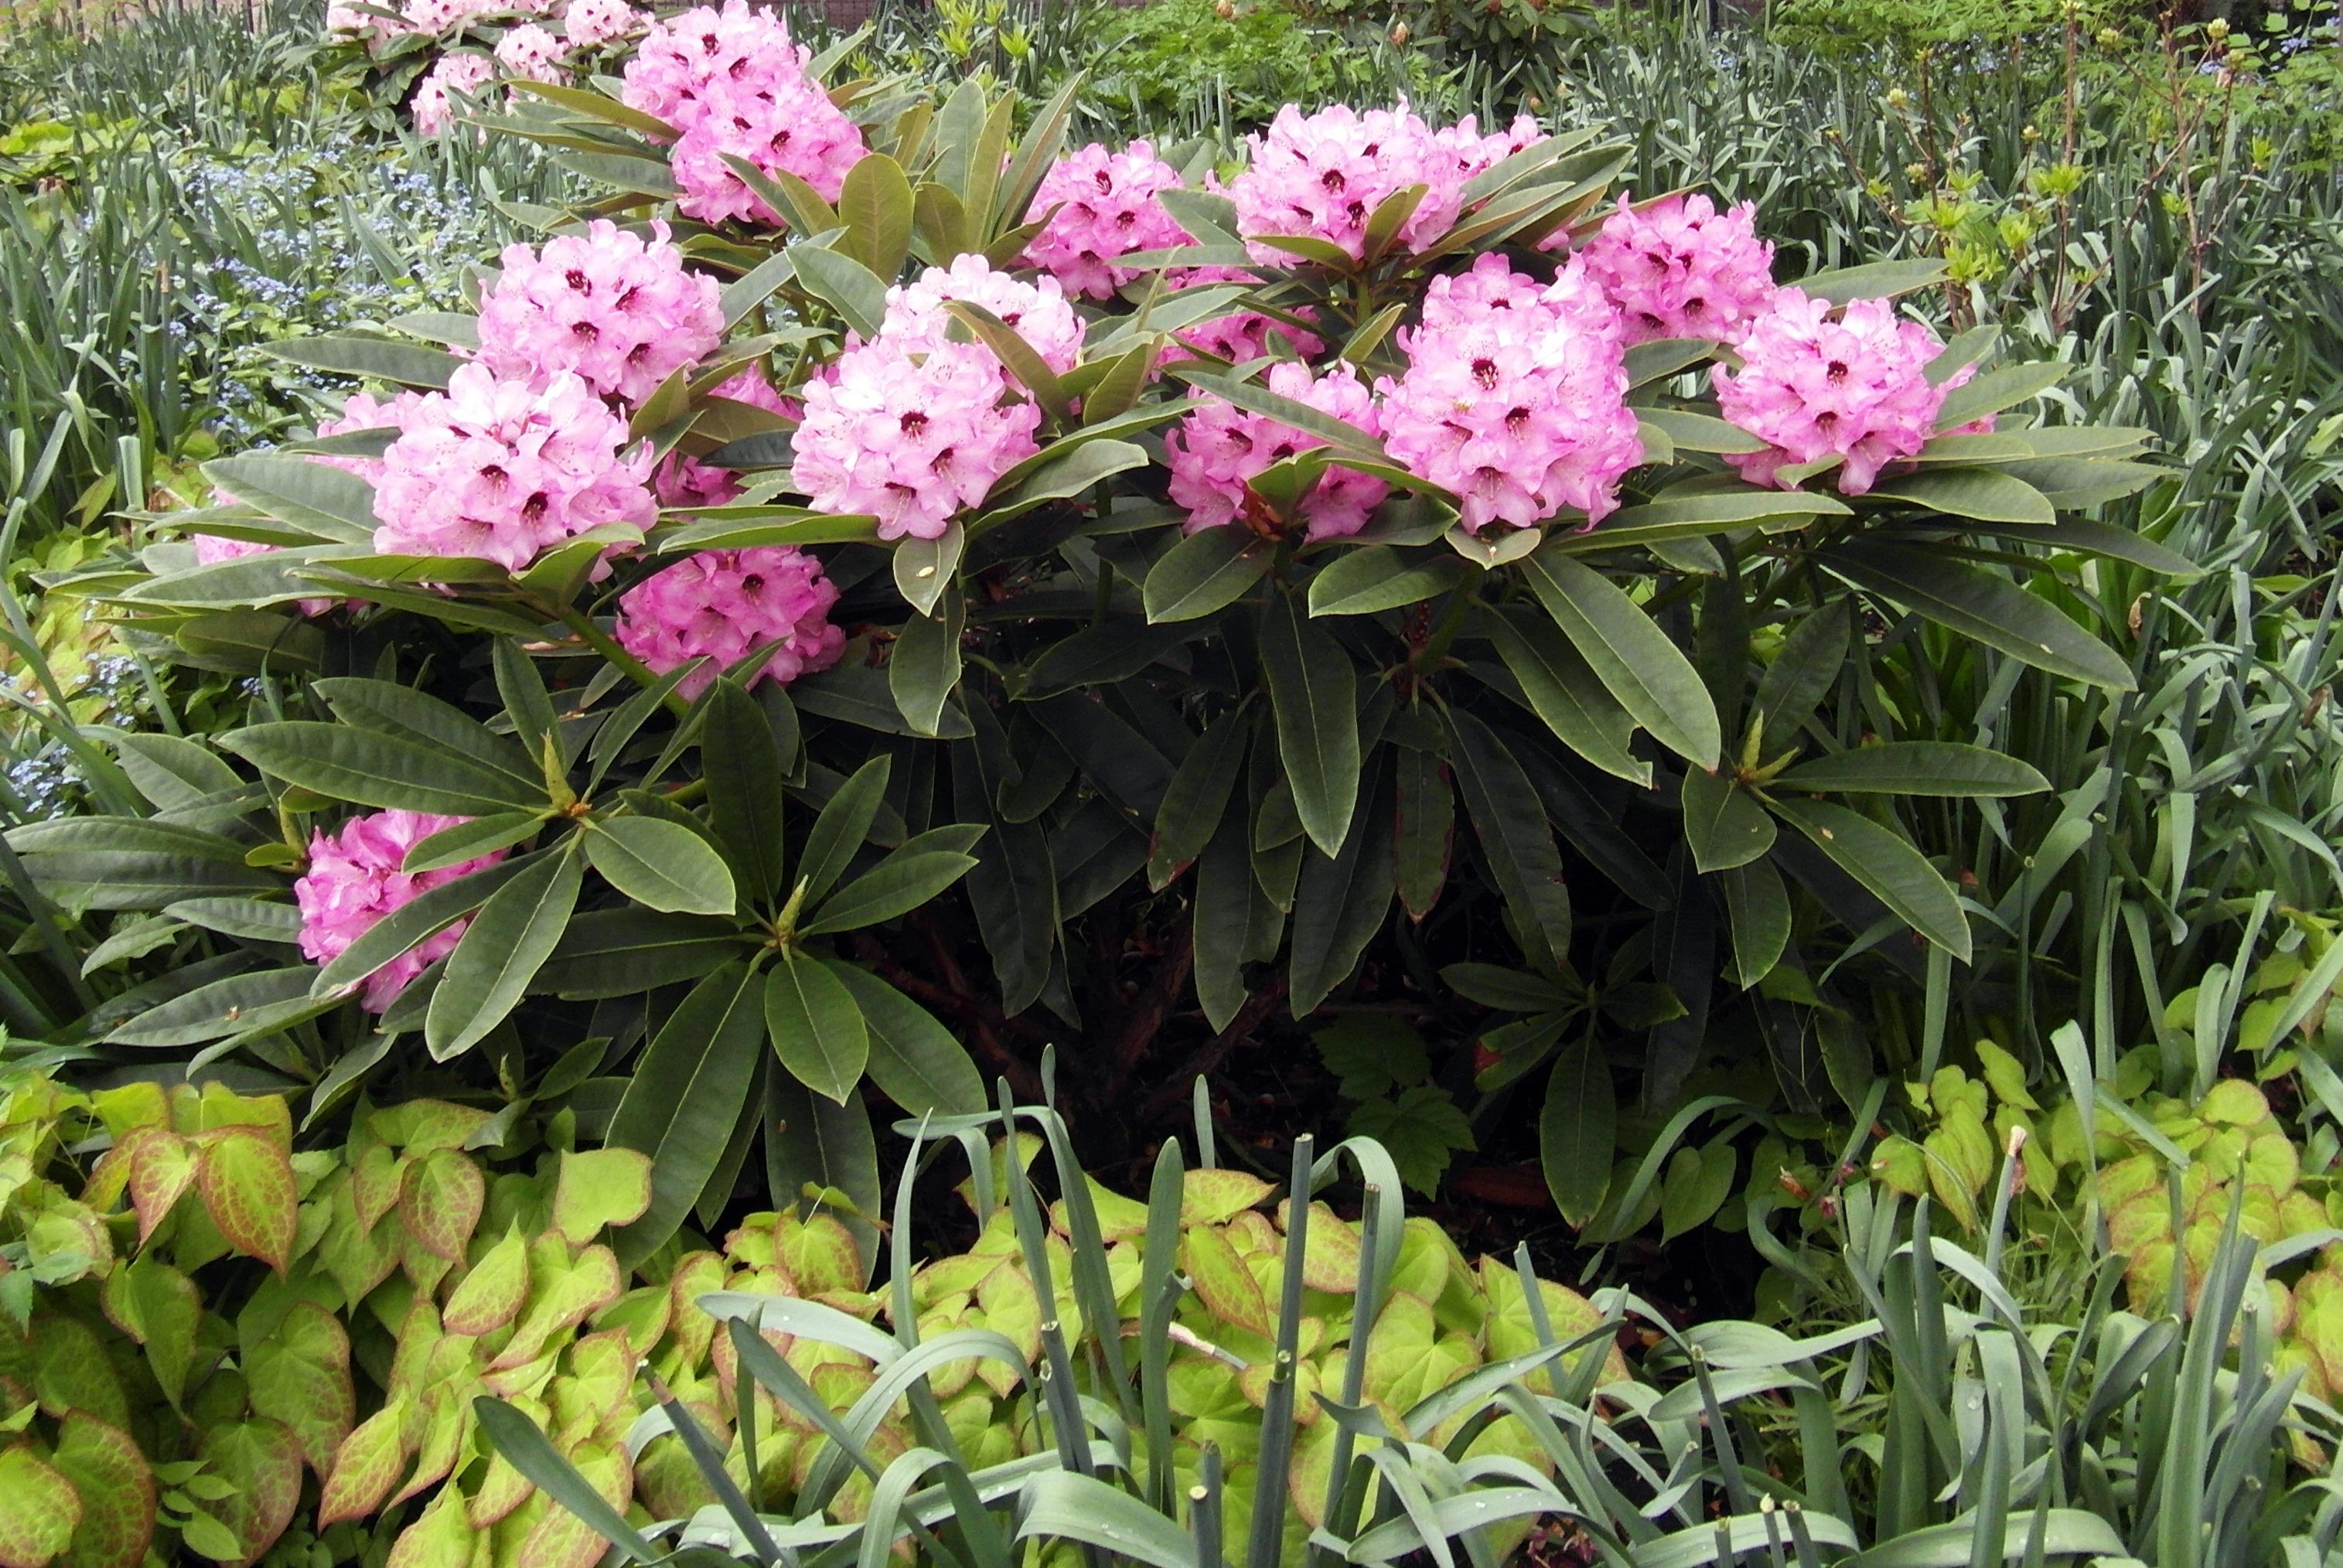 kostenlose foto bl hen blume busch immergr n botanik garten rosa flora strauch. Black Bedroom Furniture Sets. Home Design Ideas